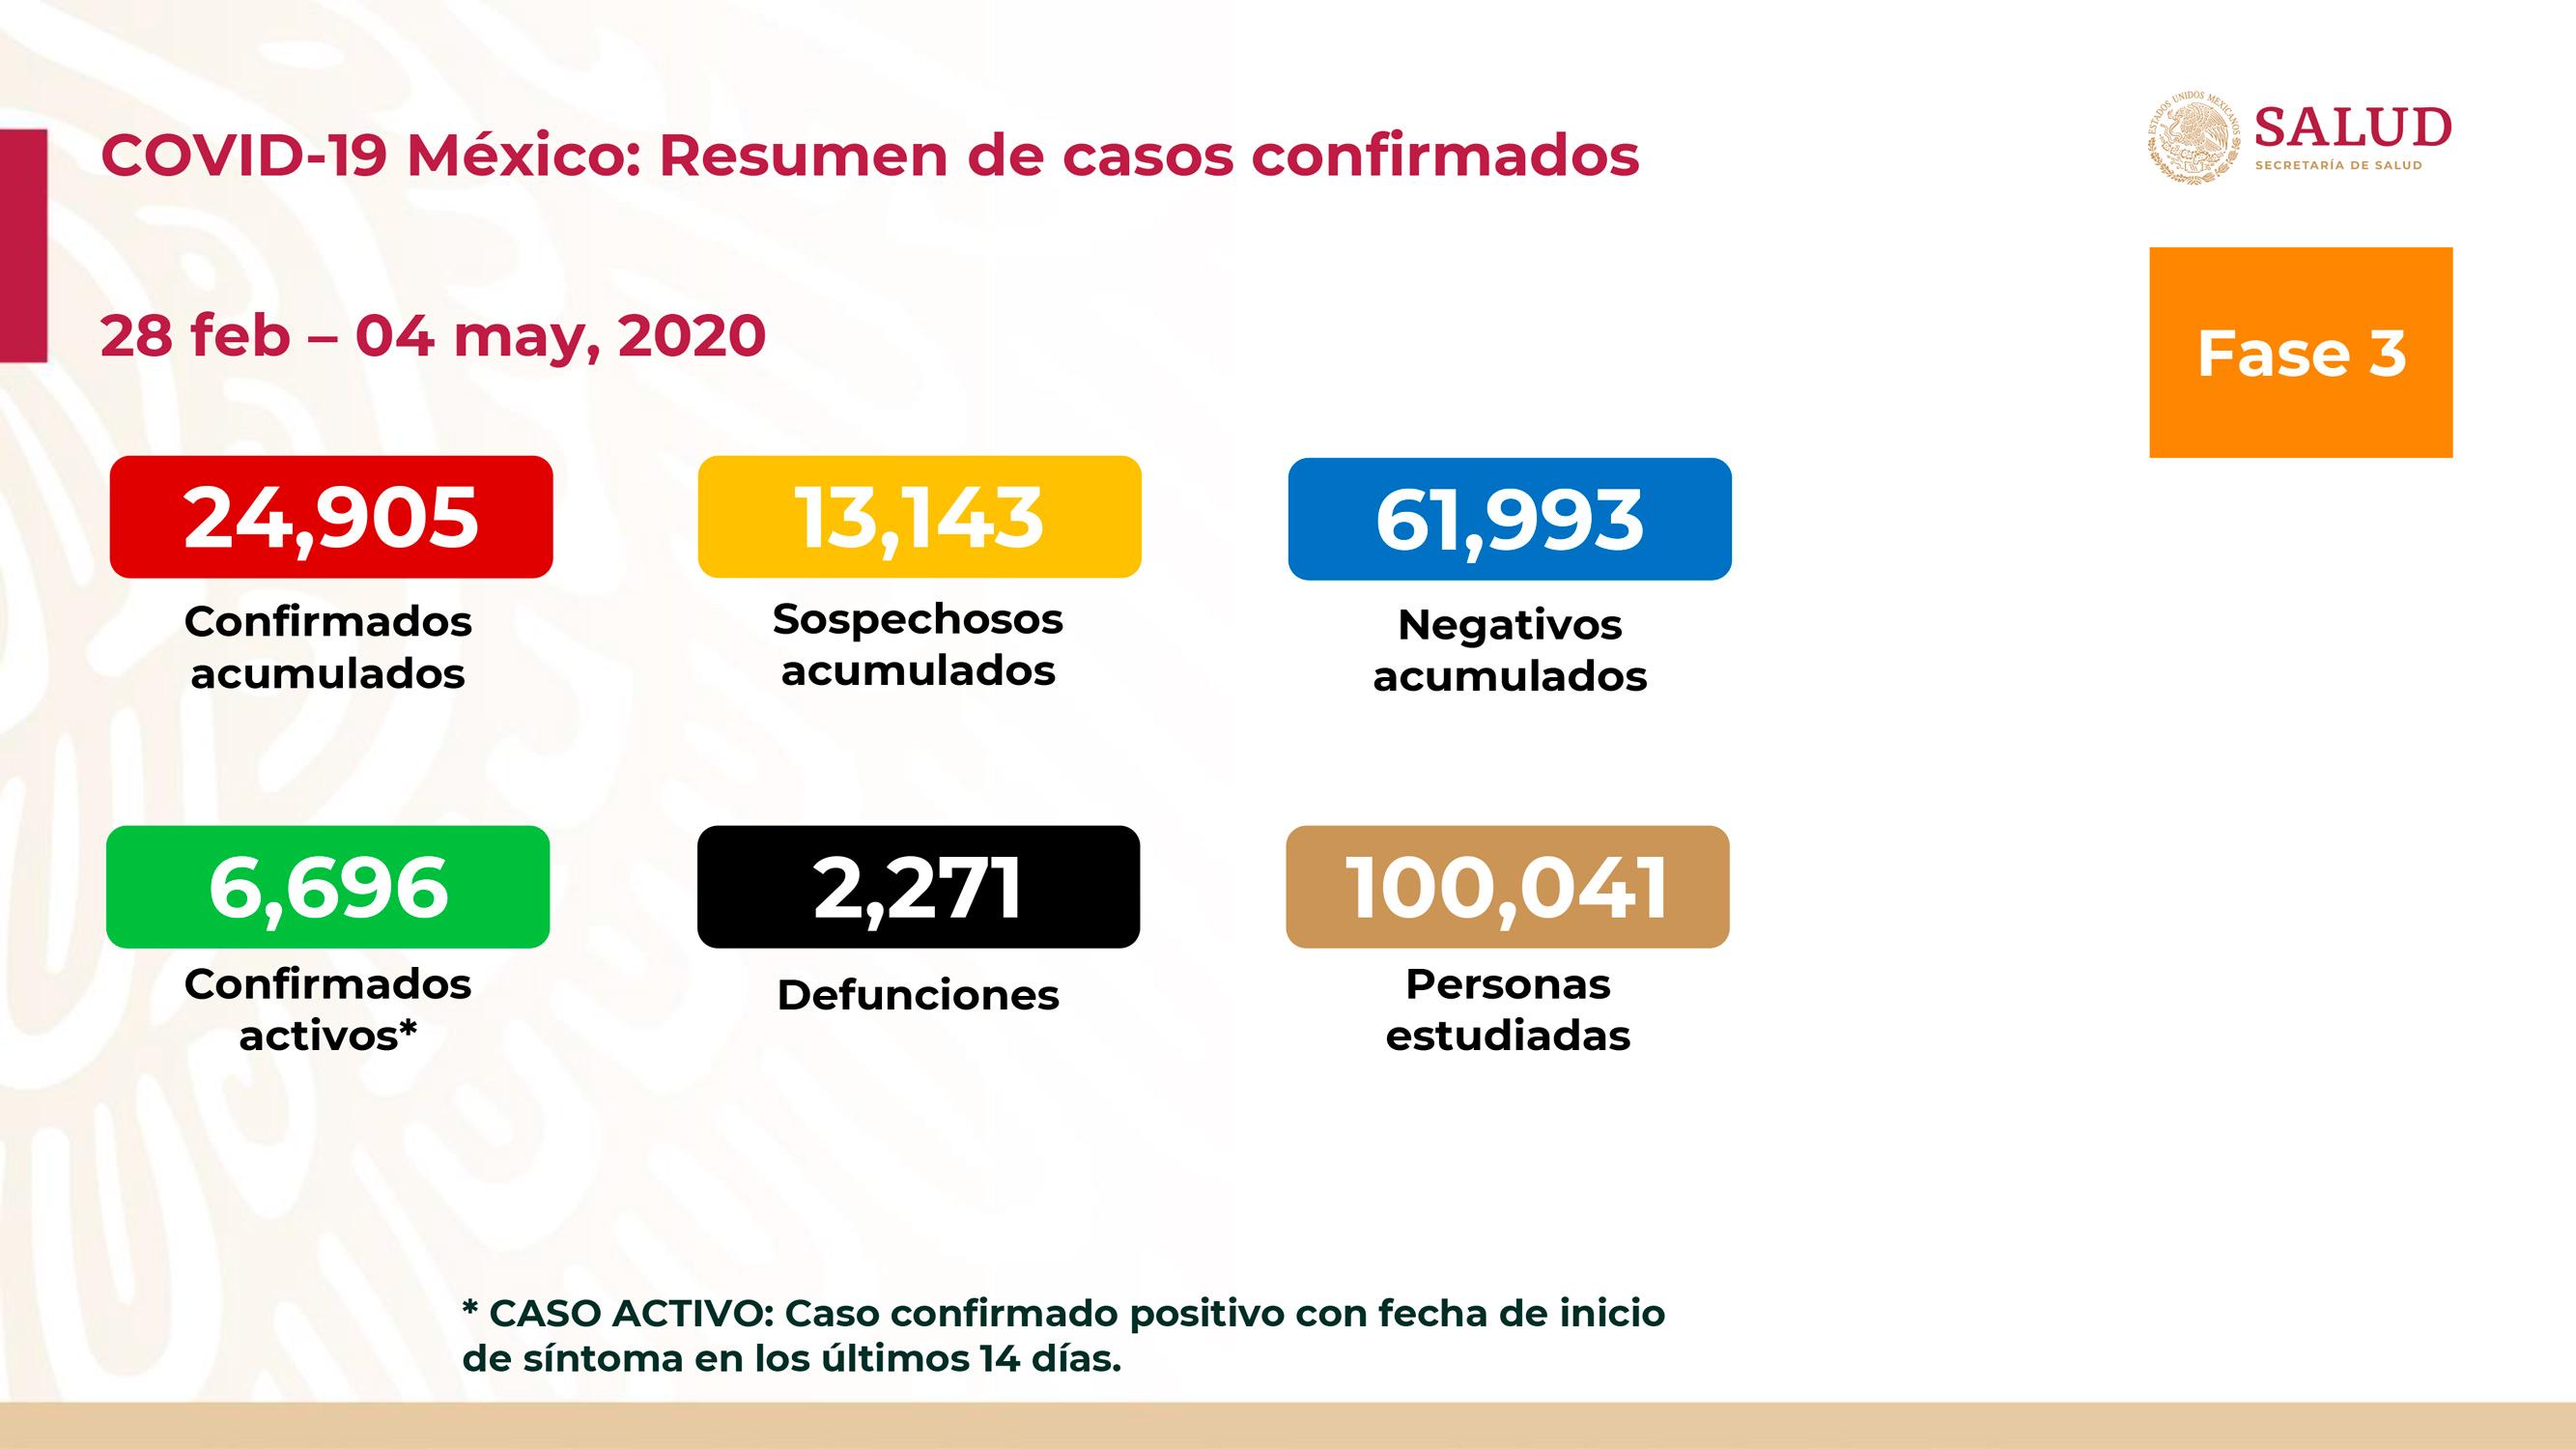 SUMAN 2 MIL 271 DEFUNCIONES POR COVID-19 EN MÉXICO